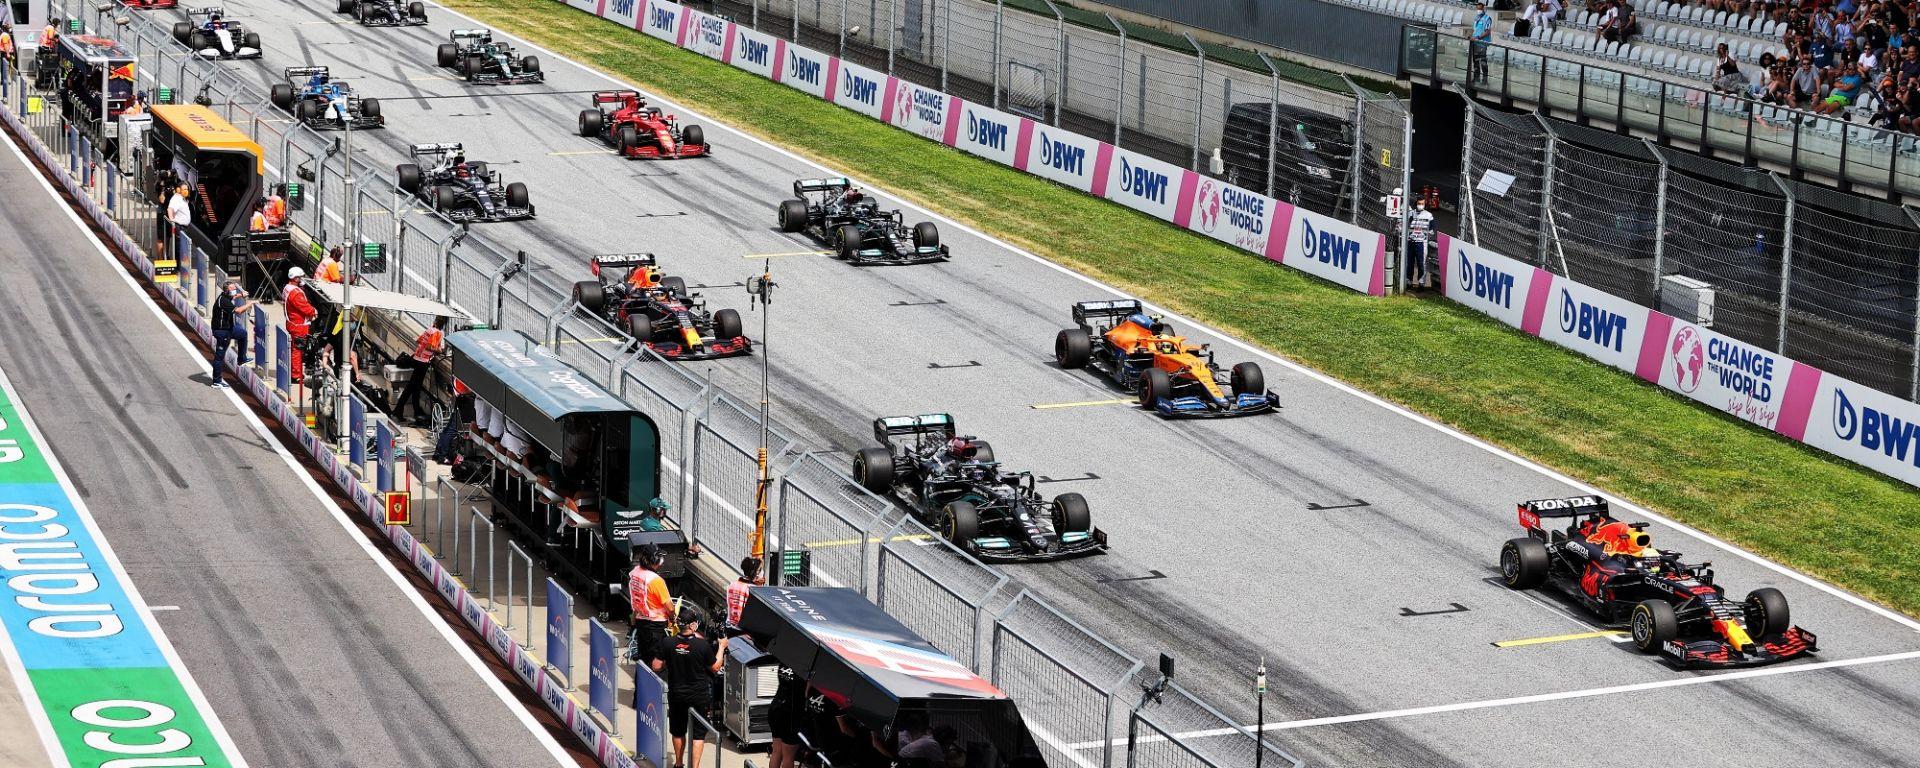 F1 GP Stiria 2021, Spielberg: la partenza